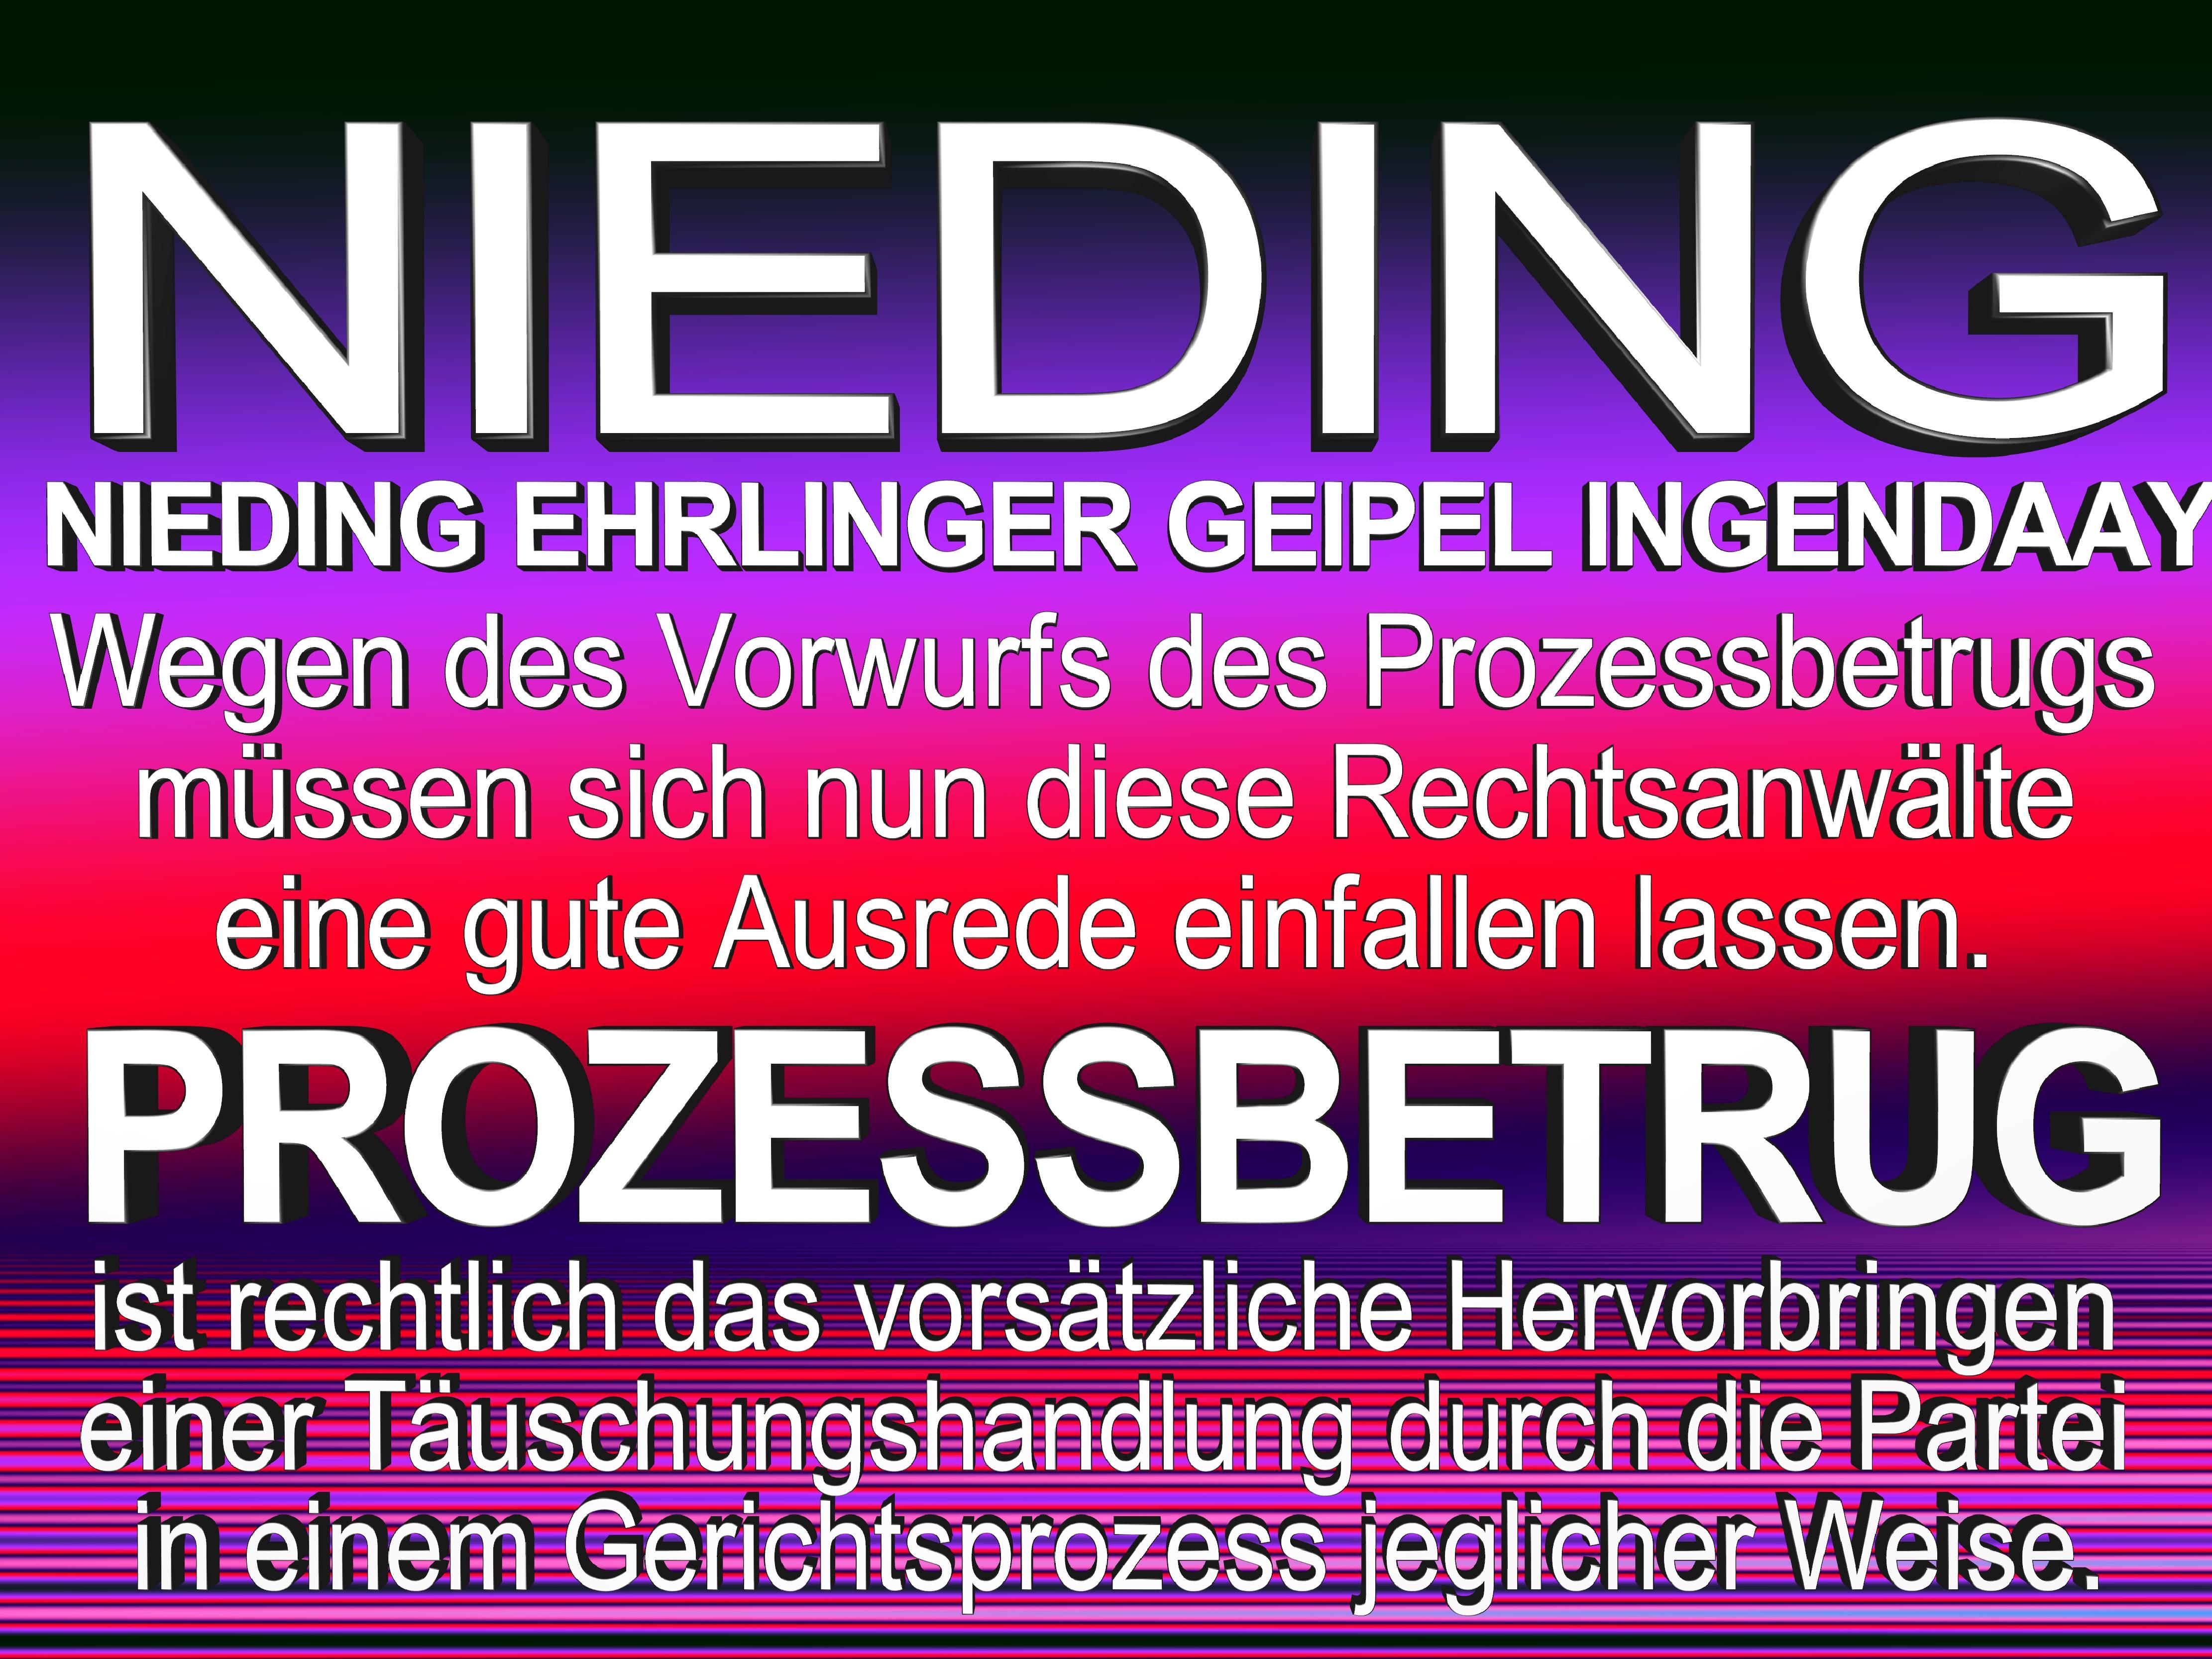 NIEDING EHRLINGER GEIPEL INGENDAAY LELKE Kurfürstendamm 66 Berlin (61)